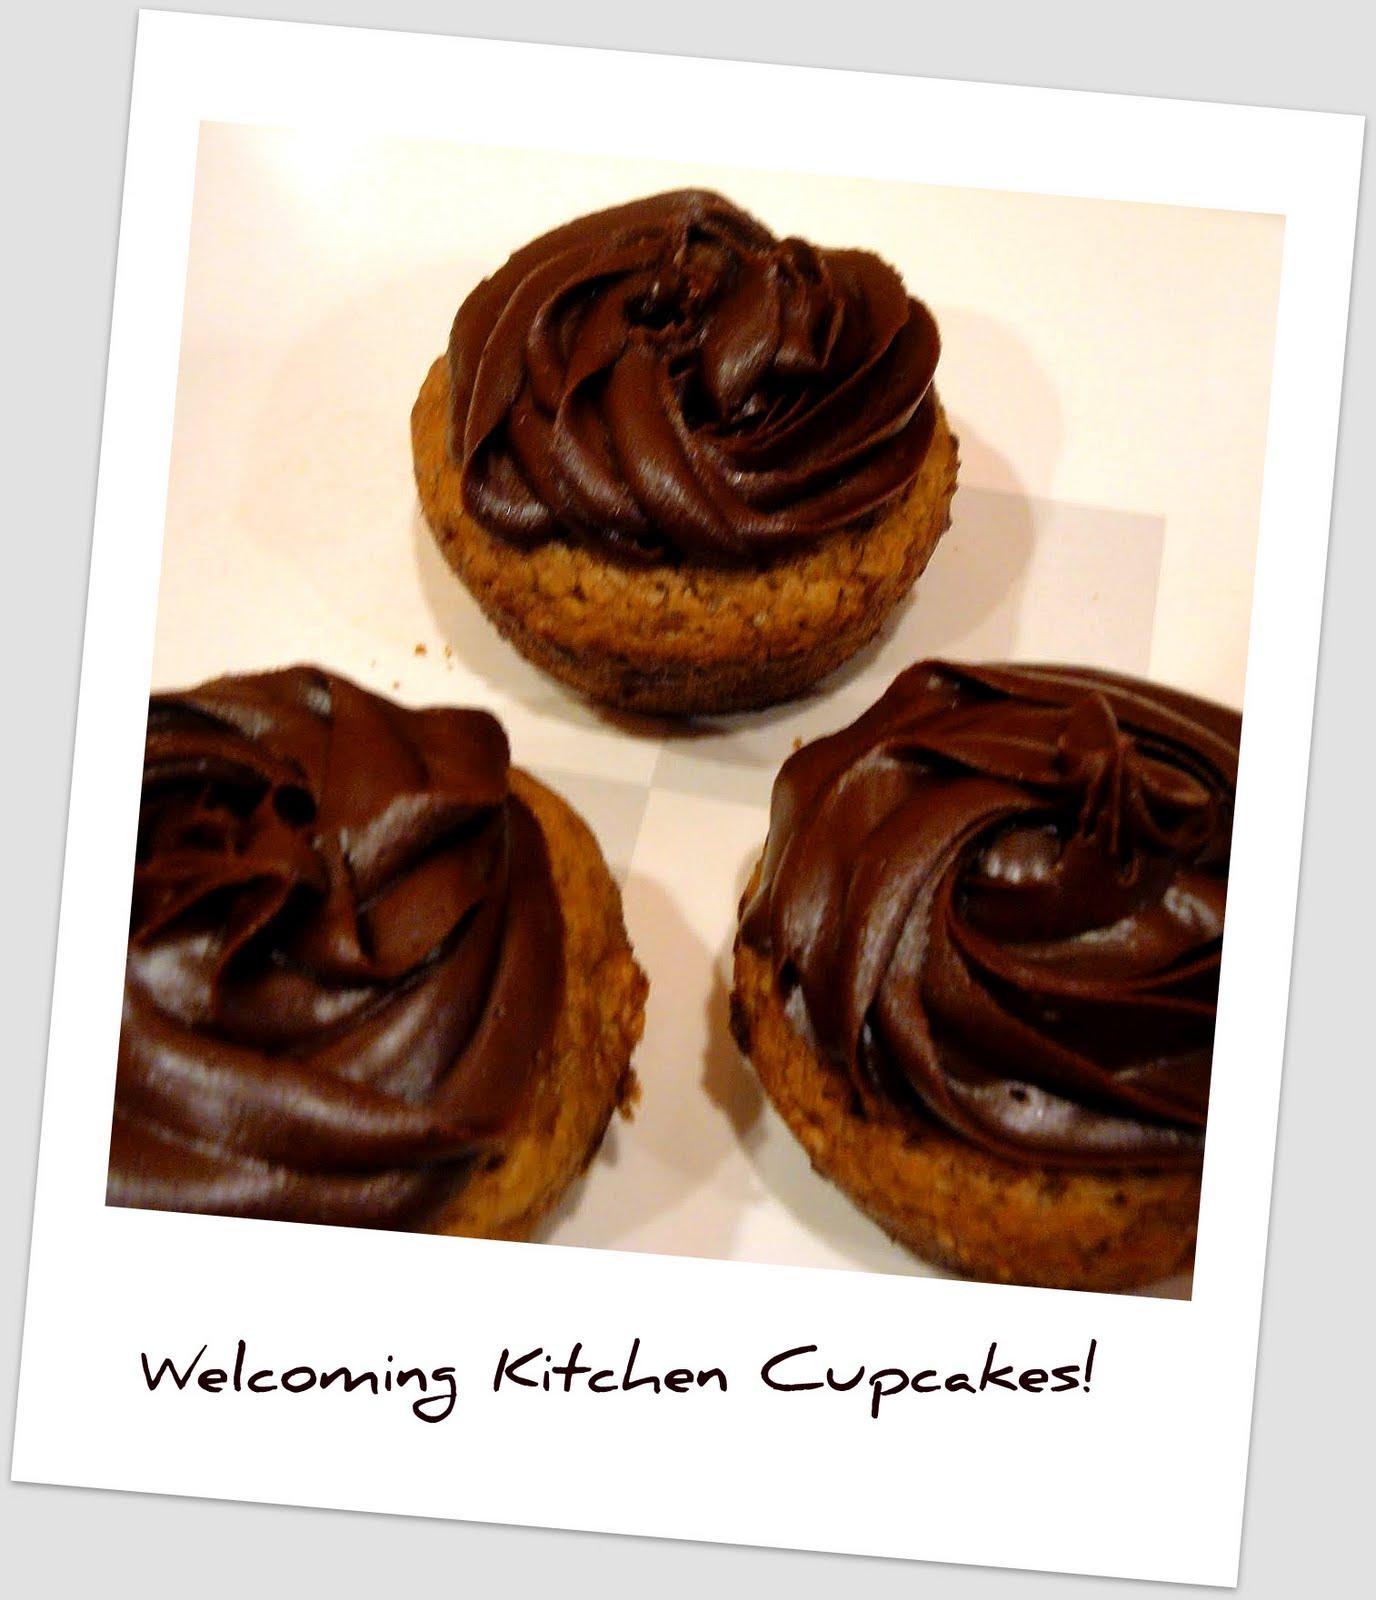 Birthday Parties and Food Allergies + Vegan, GF Cupcakes